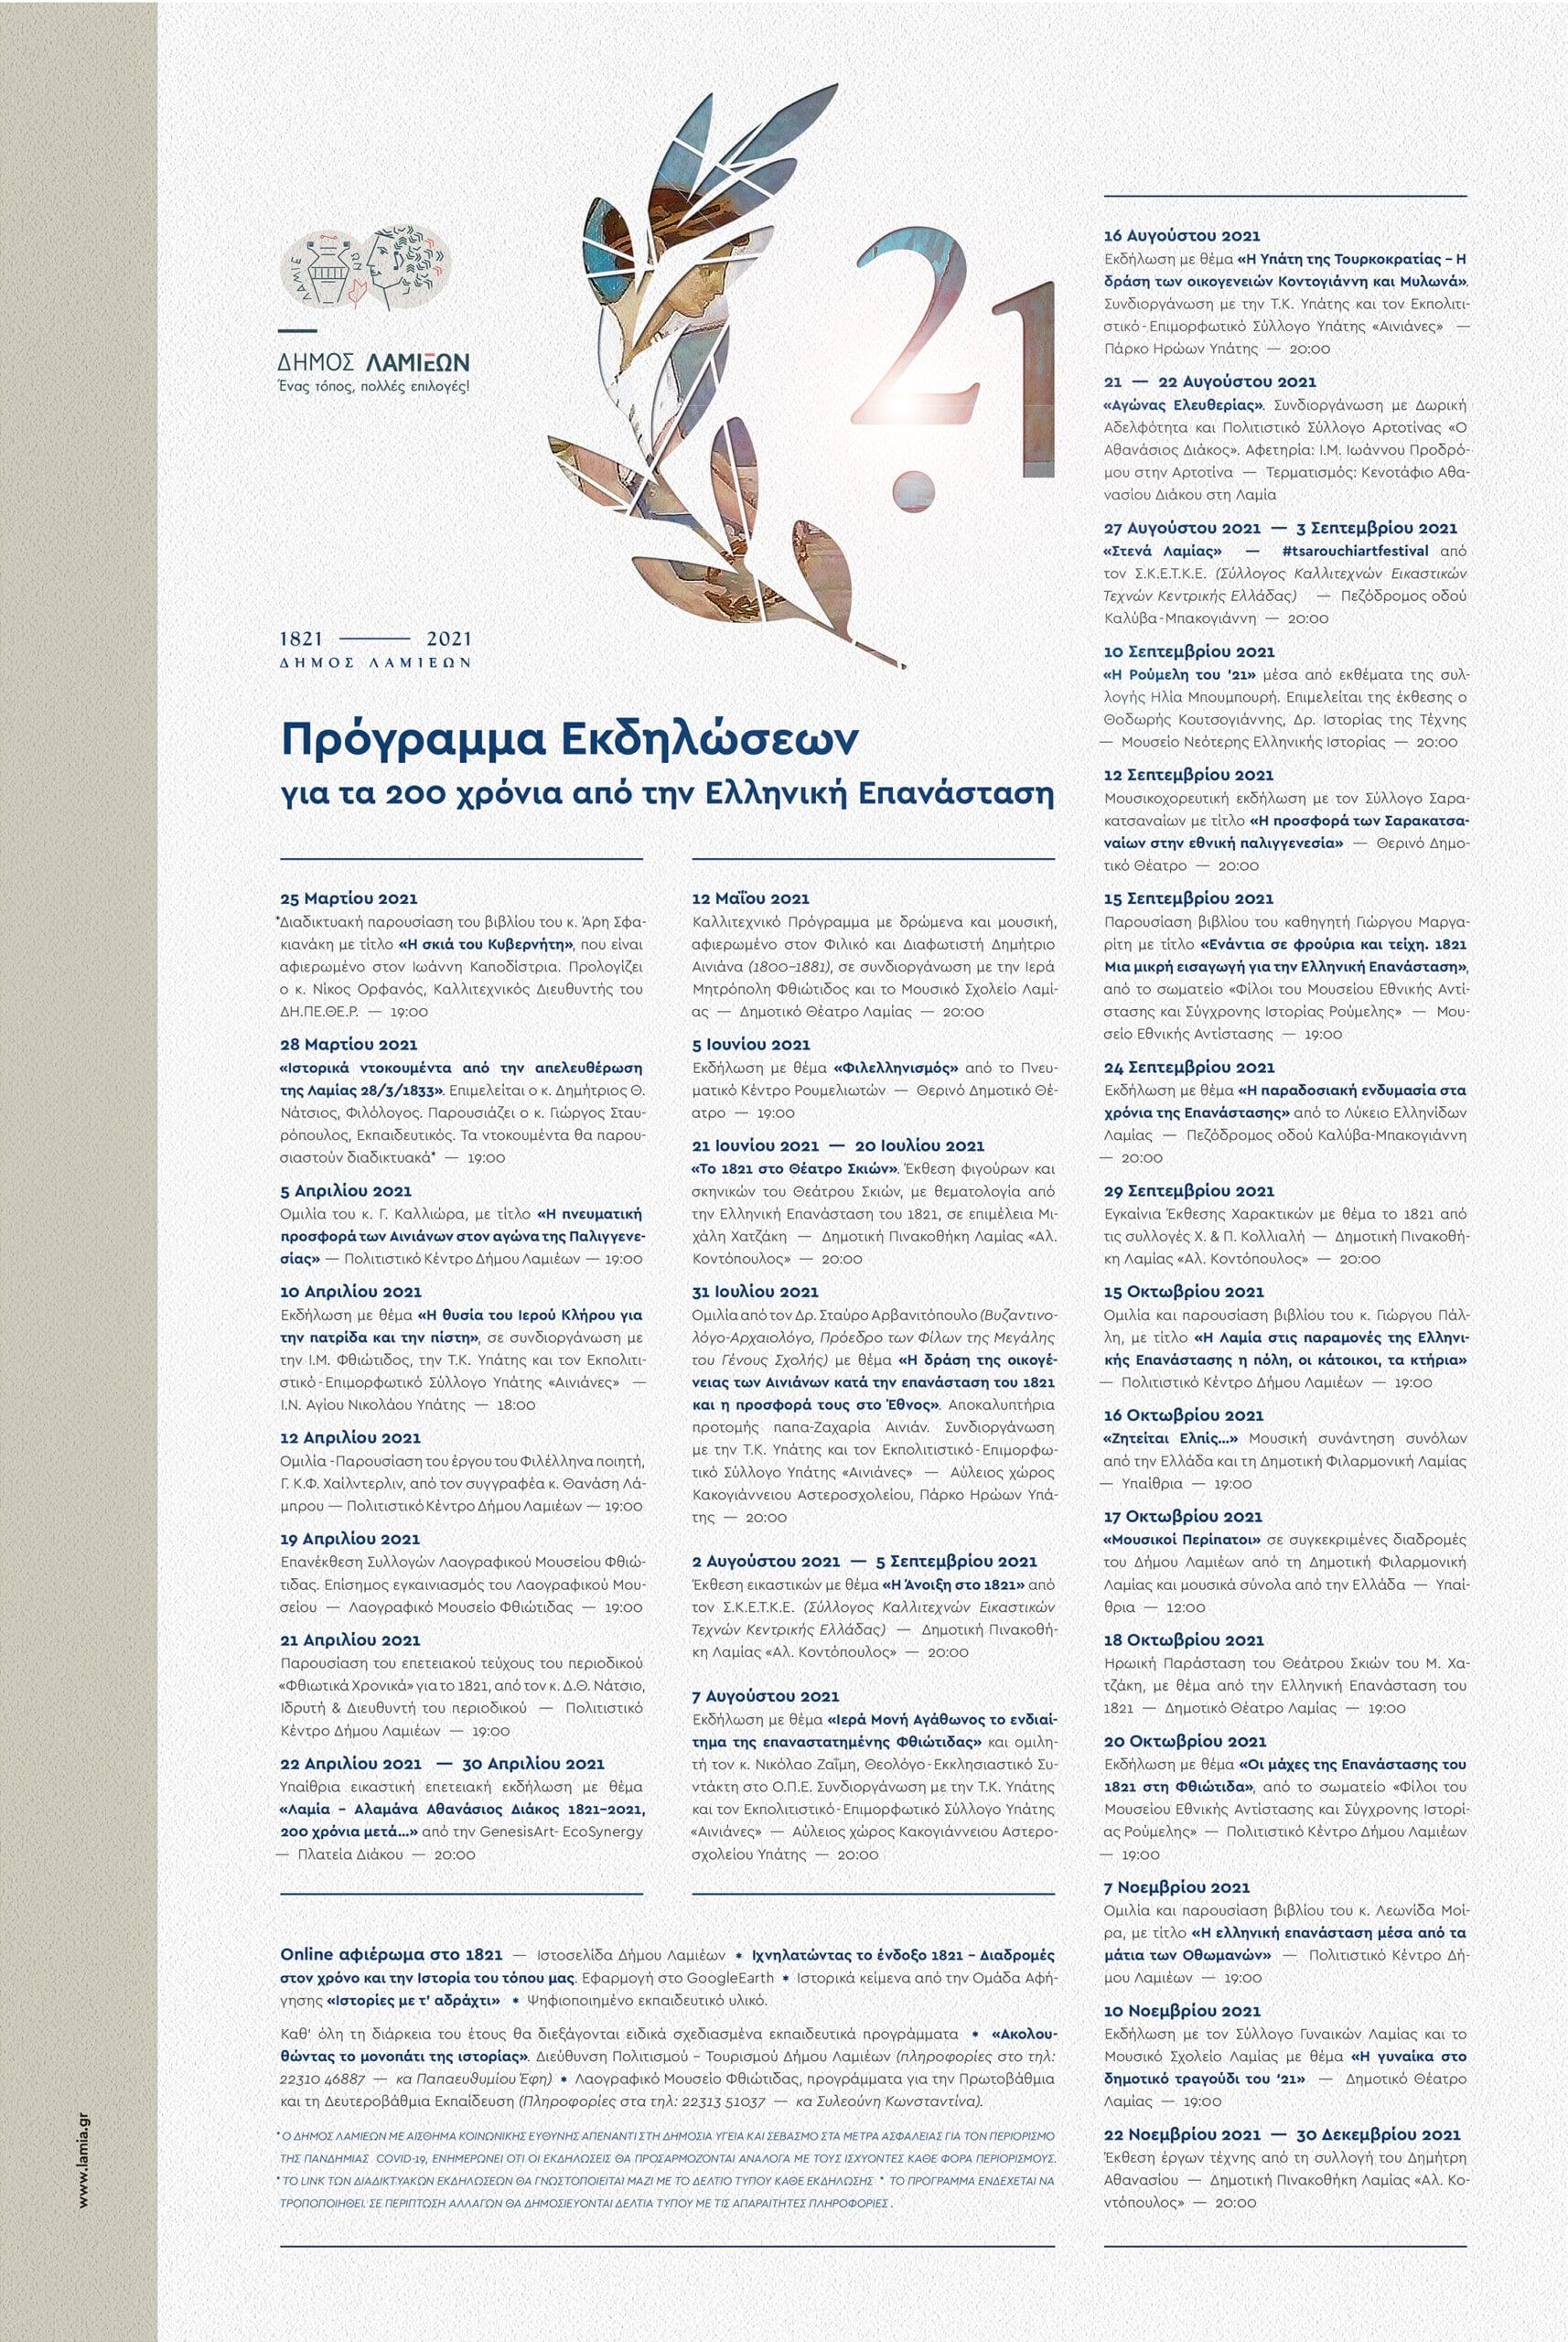 Ο Δήμος Λαμιέων στο πλαίσιο των επετειακών εκδηλώσεων για τα 200 από την Ελληνική Επανάσταση, Δήμος Λαμιέων: «Επετειακές Εκδηλώσεις για τα 200 χρόνια από την Ελληνική Επανάσταση», Eviathema.gr | ΕΥΒΟΙΑ ΝΕΑ - Νέα και ειδήσεις από όλη την Εύβοια